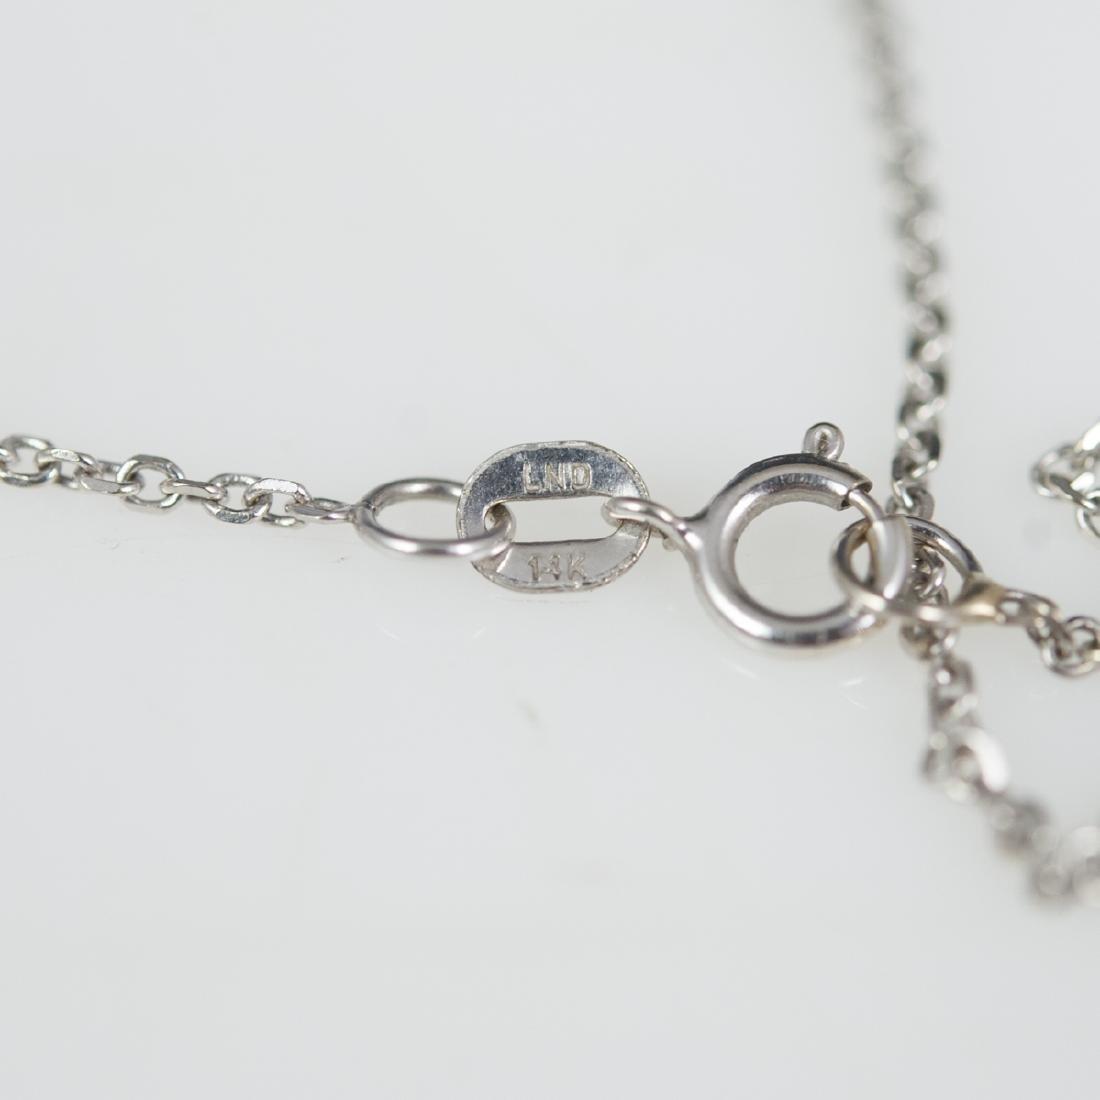 14kt Gold & Diamond Necklace - 3